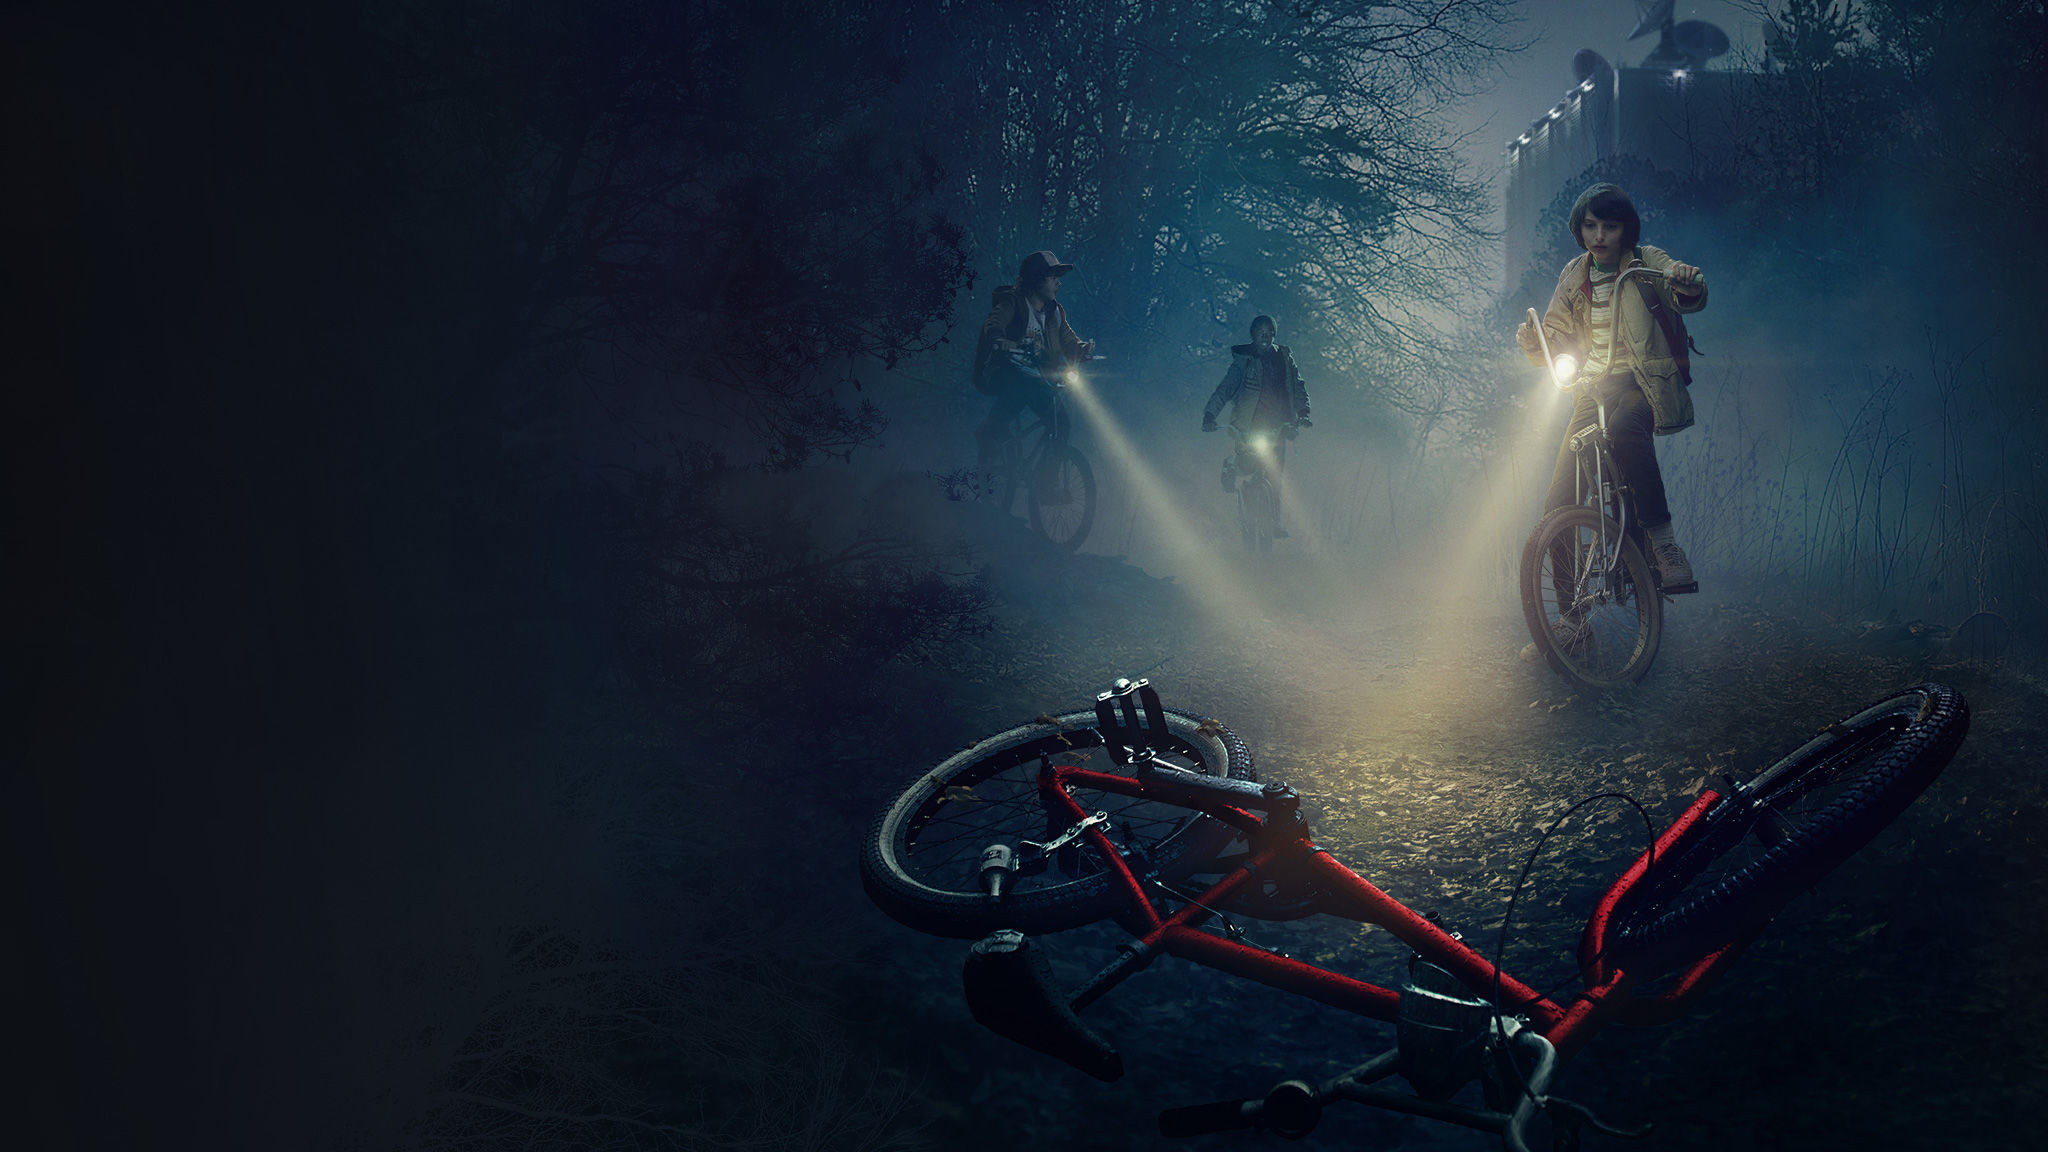 stranger_things_bikes